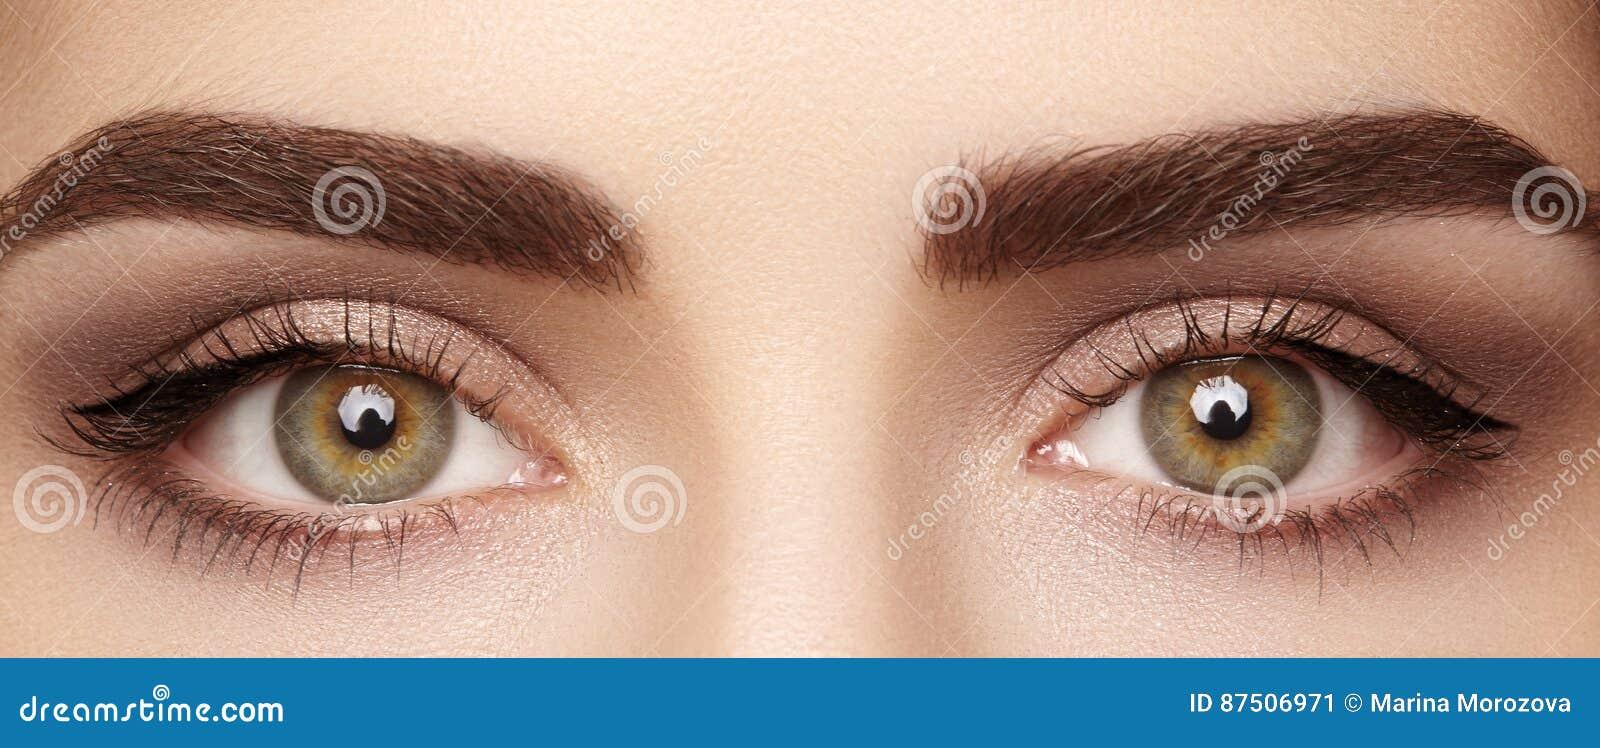 Close-upmacro van mooi vrouwelijk oog met perfecte vormwenkbrauwen Schone huid, manier naturel samenstelling Goede Visie